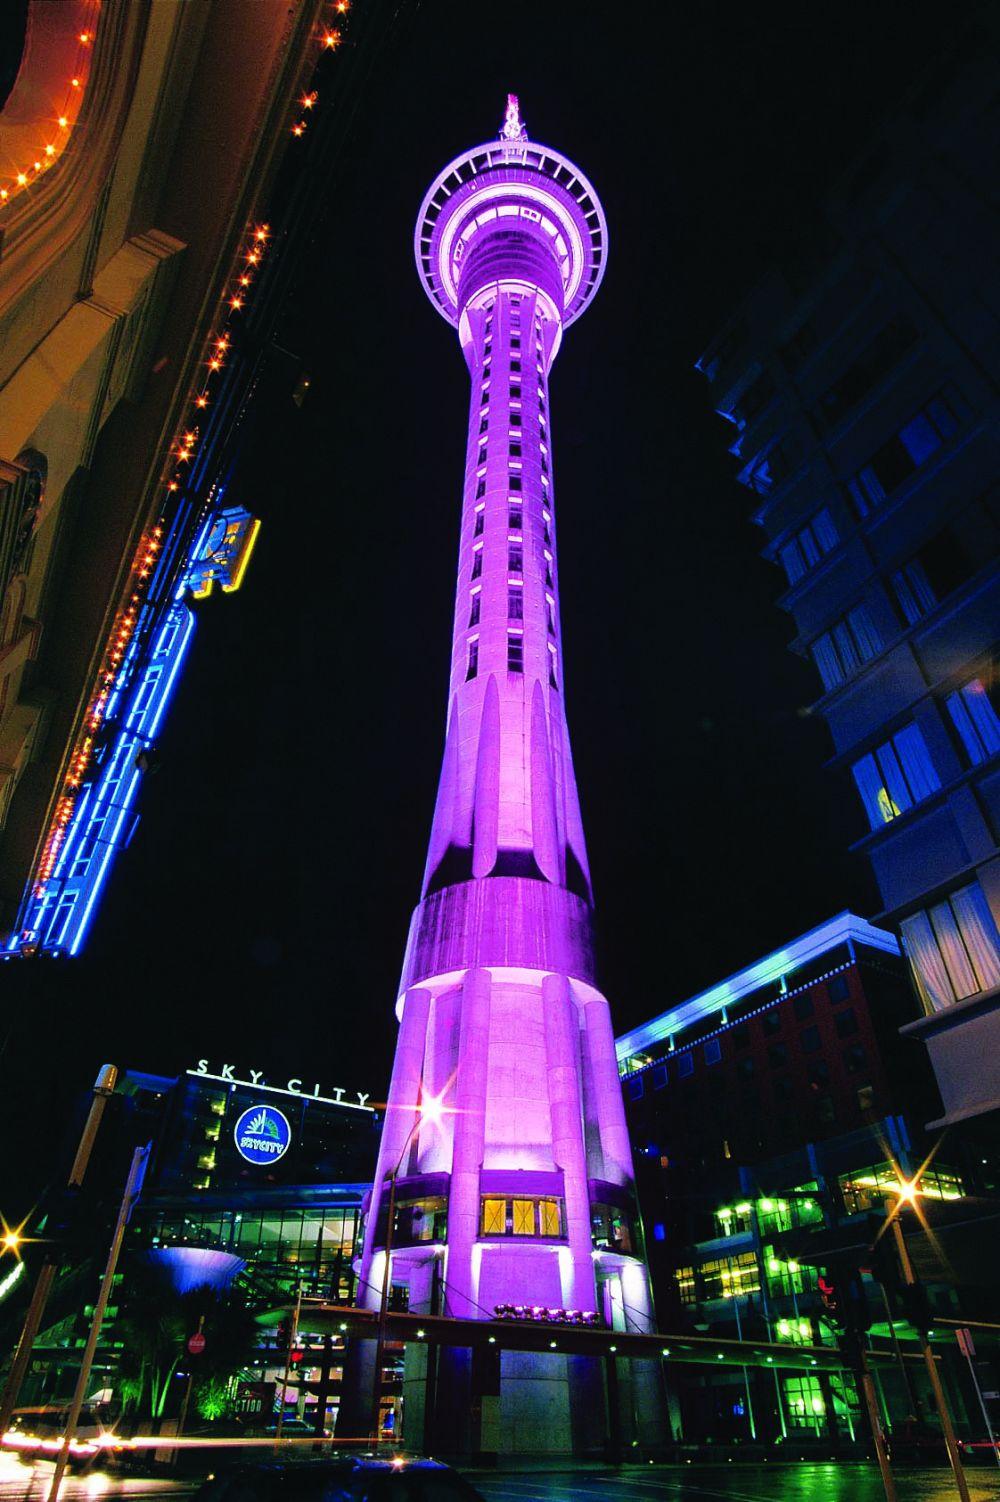 Это Скай-Тауэр, символ Новой Зеландии. Высота башни - 328 метров. Интересно, что помимо того, что лифты могут доставить вас на самый верх за 40 секунд, так у них еще кроме стеклянных стен есть и стеклянный пол!